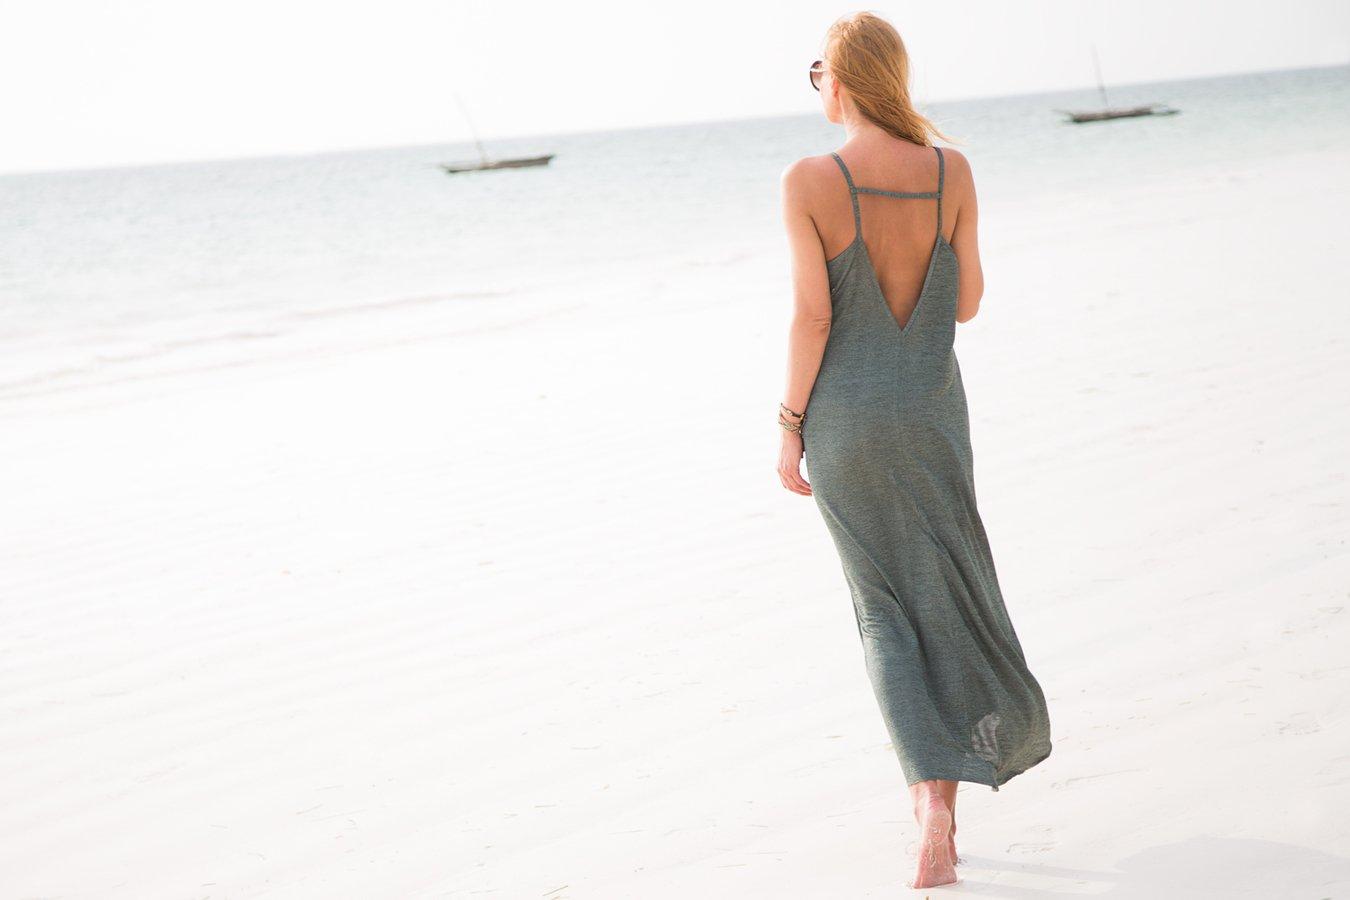 72064cbd12 Sukienki Dzianinowe Sukienki z Dekoltem Sukienki Trapezowe Sukienki do  Pracy Sukienki Maxi Sukienki na Ramiączka